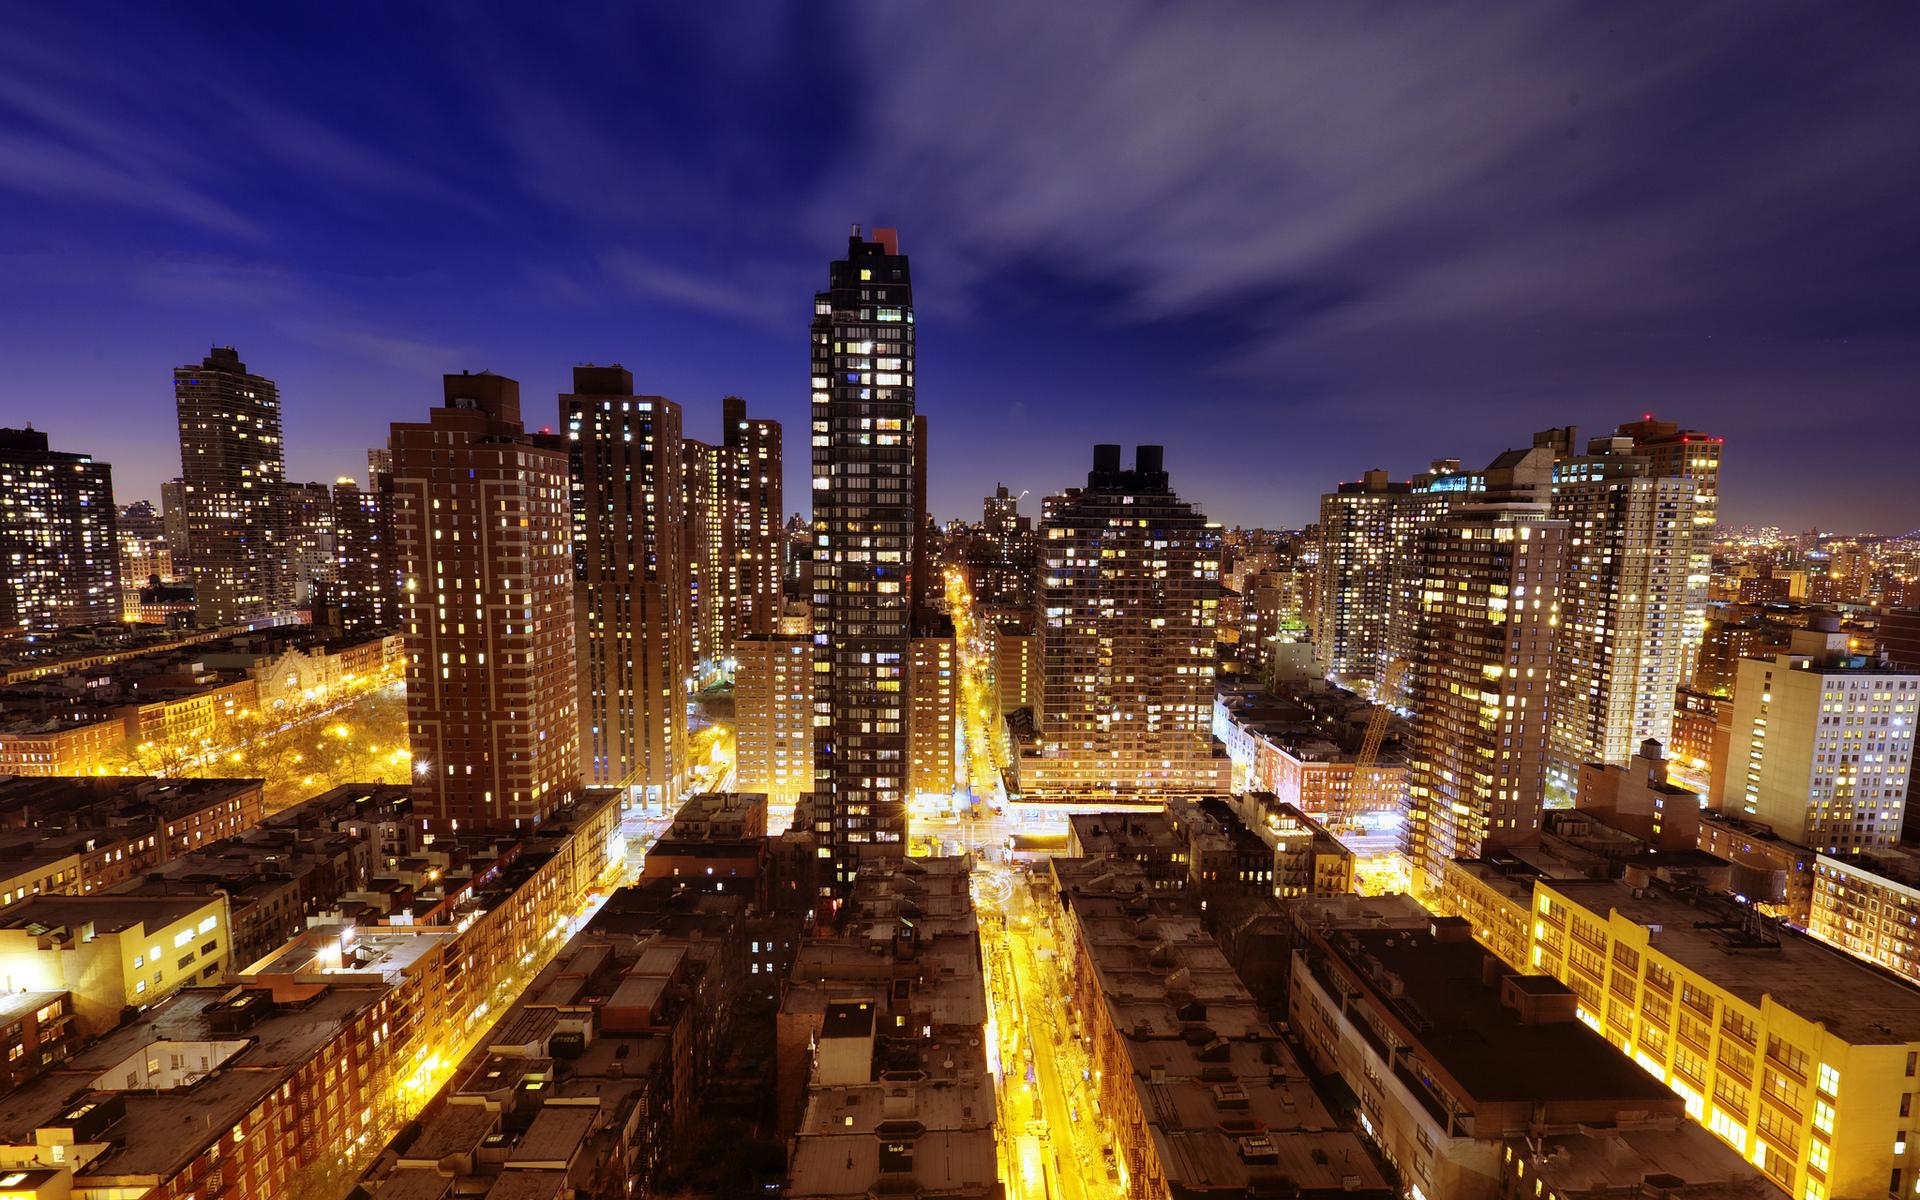 29419 скачать обои Пейзаж, Города, Ночь, Архитектура - заставки и картинки бесплатно